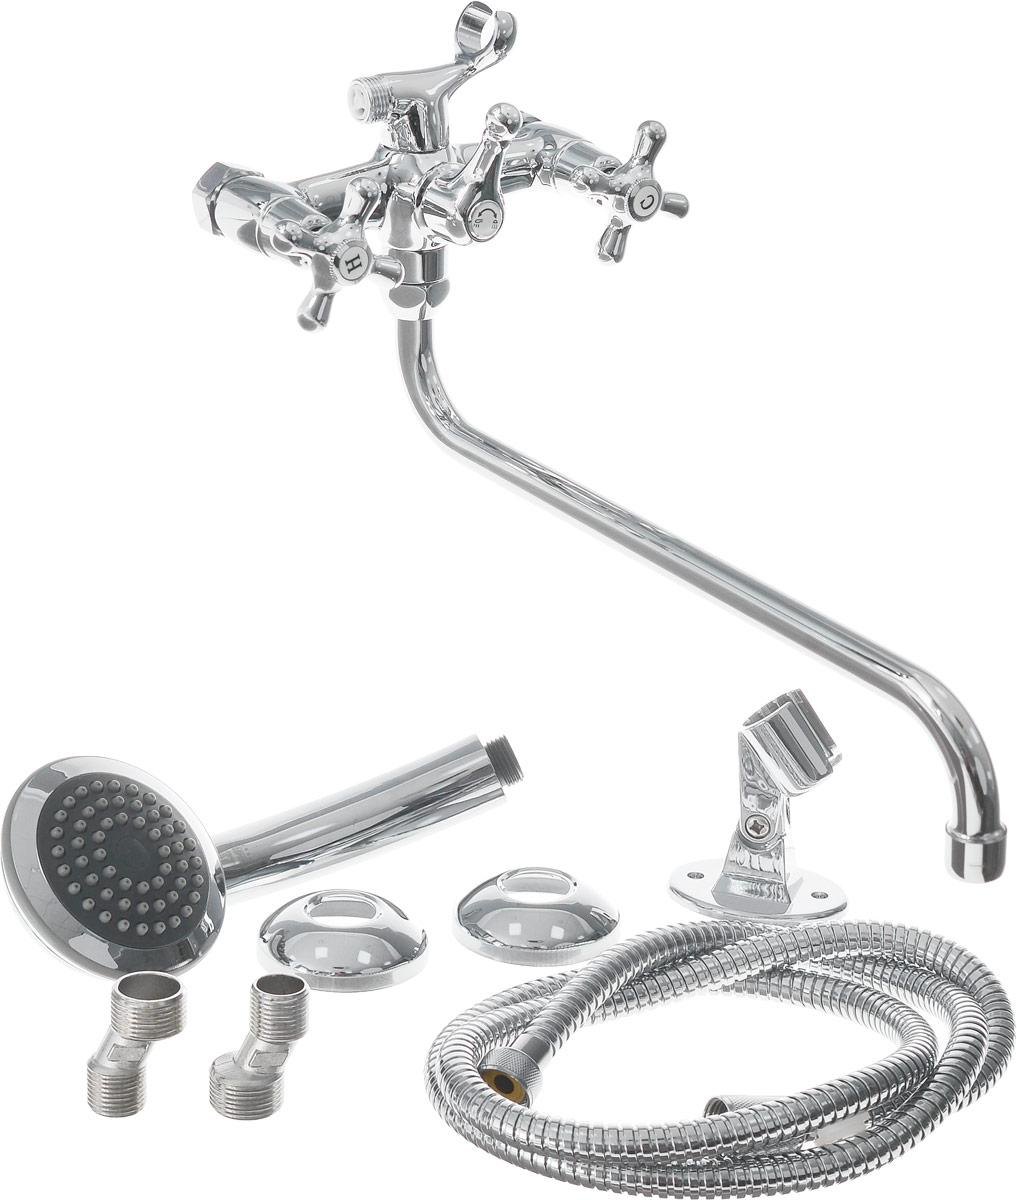 Смеситель для ванны и душа Smartsant Смарт-Кросс, цвет: хромVINSB00i03Двуручковый смеситель Smartsant Смарт-Кросс с керамическими кран-буксами (угол поворота 180°) выполнен из высококачественной латуни. Смеситель оснащен аэратором Neoperl Cascade для равномерного распределения струи воды. Стойкое хромированное покрытие обеспечивает изделию долгий срок эксплуатации. Смеситель оснащен защитой от ожога.В комплекте гибкая подводка G 1/2. Излив: 35 см.Диаметр лейки: 9,5 см.